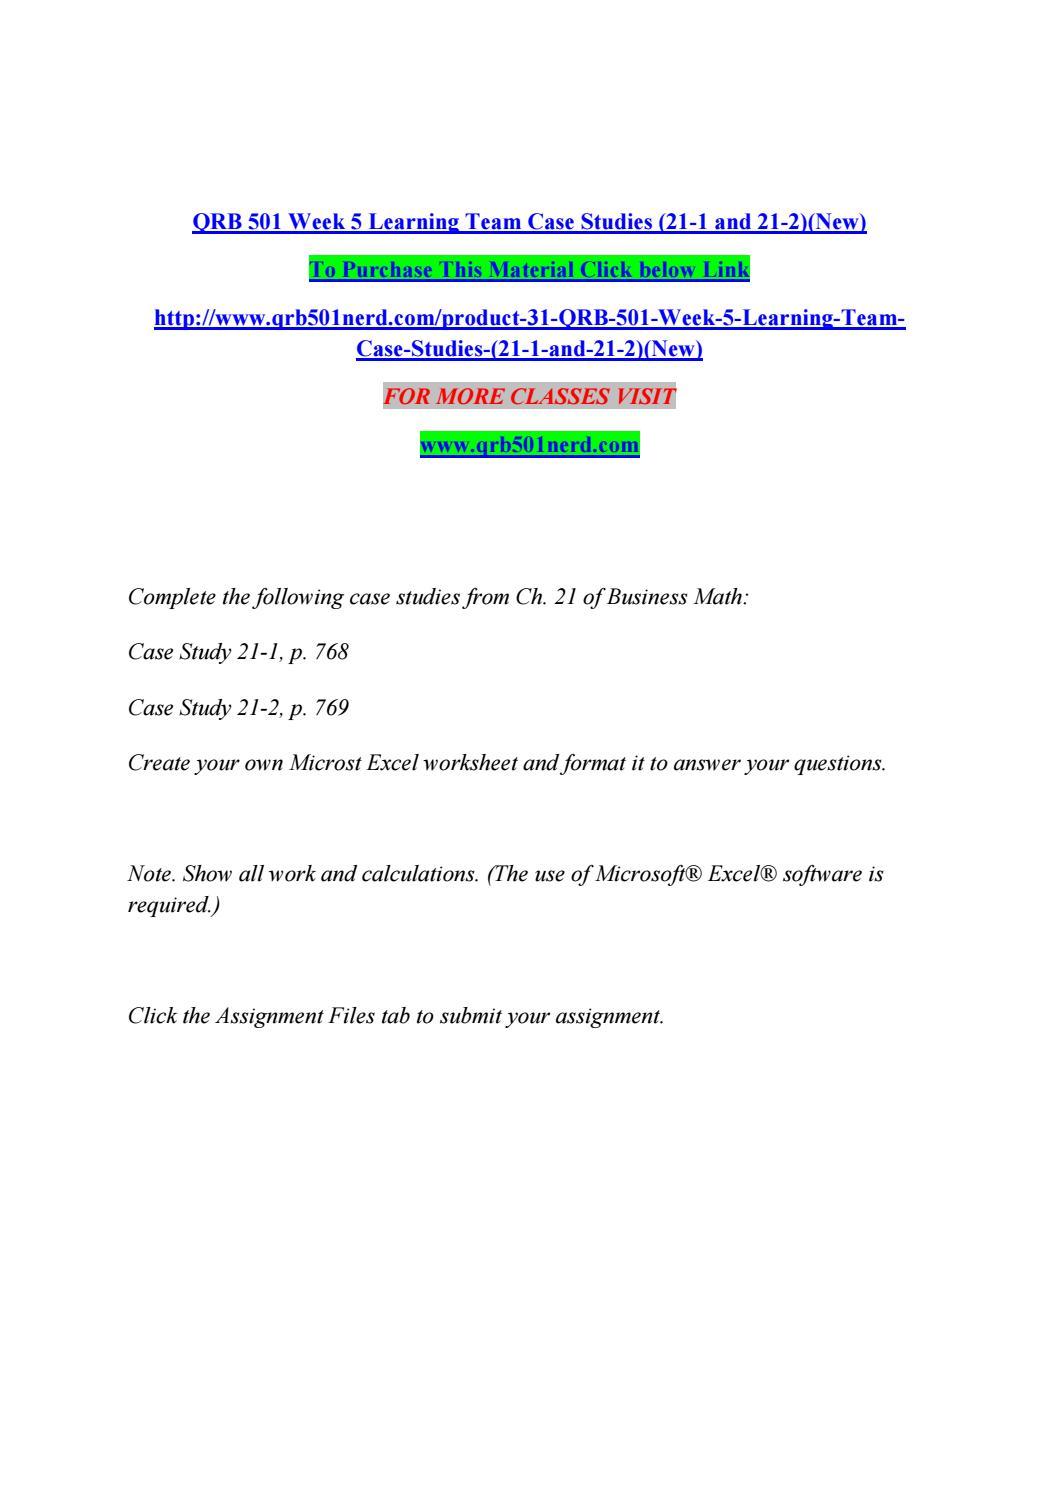 case study 21-2 p769